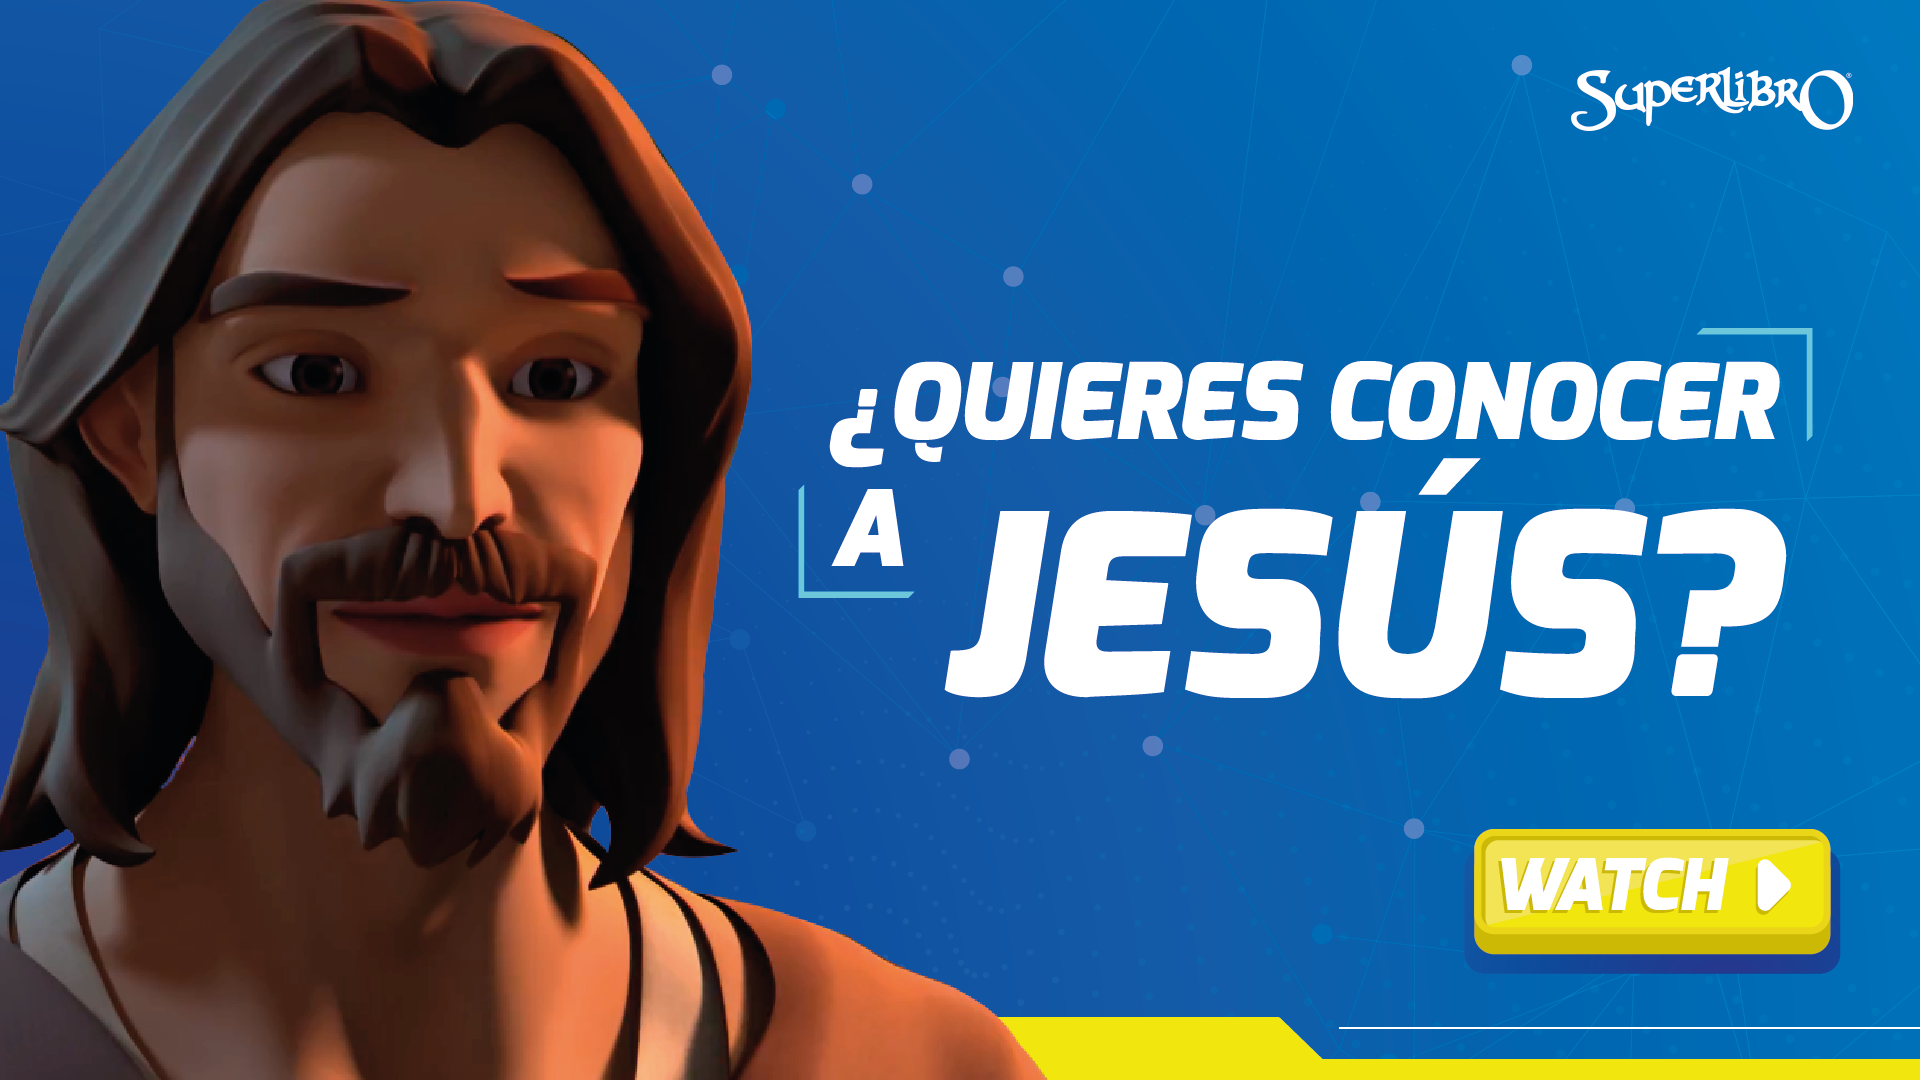 Sitio De Superlibro Para Niños Juegos Gratis En Línea Juegos Bíblicos Para Niños En Internet